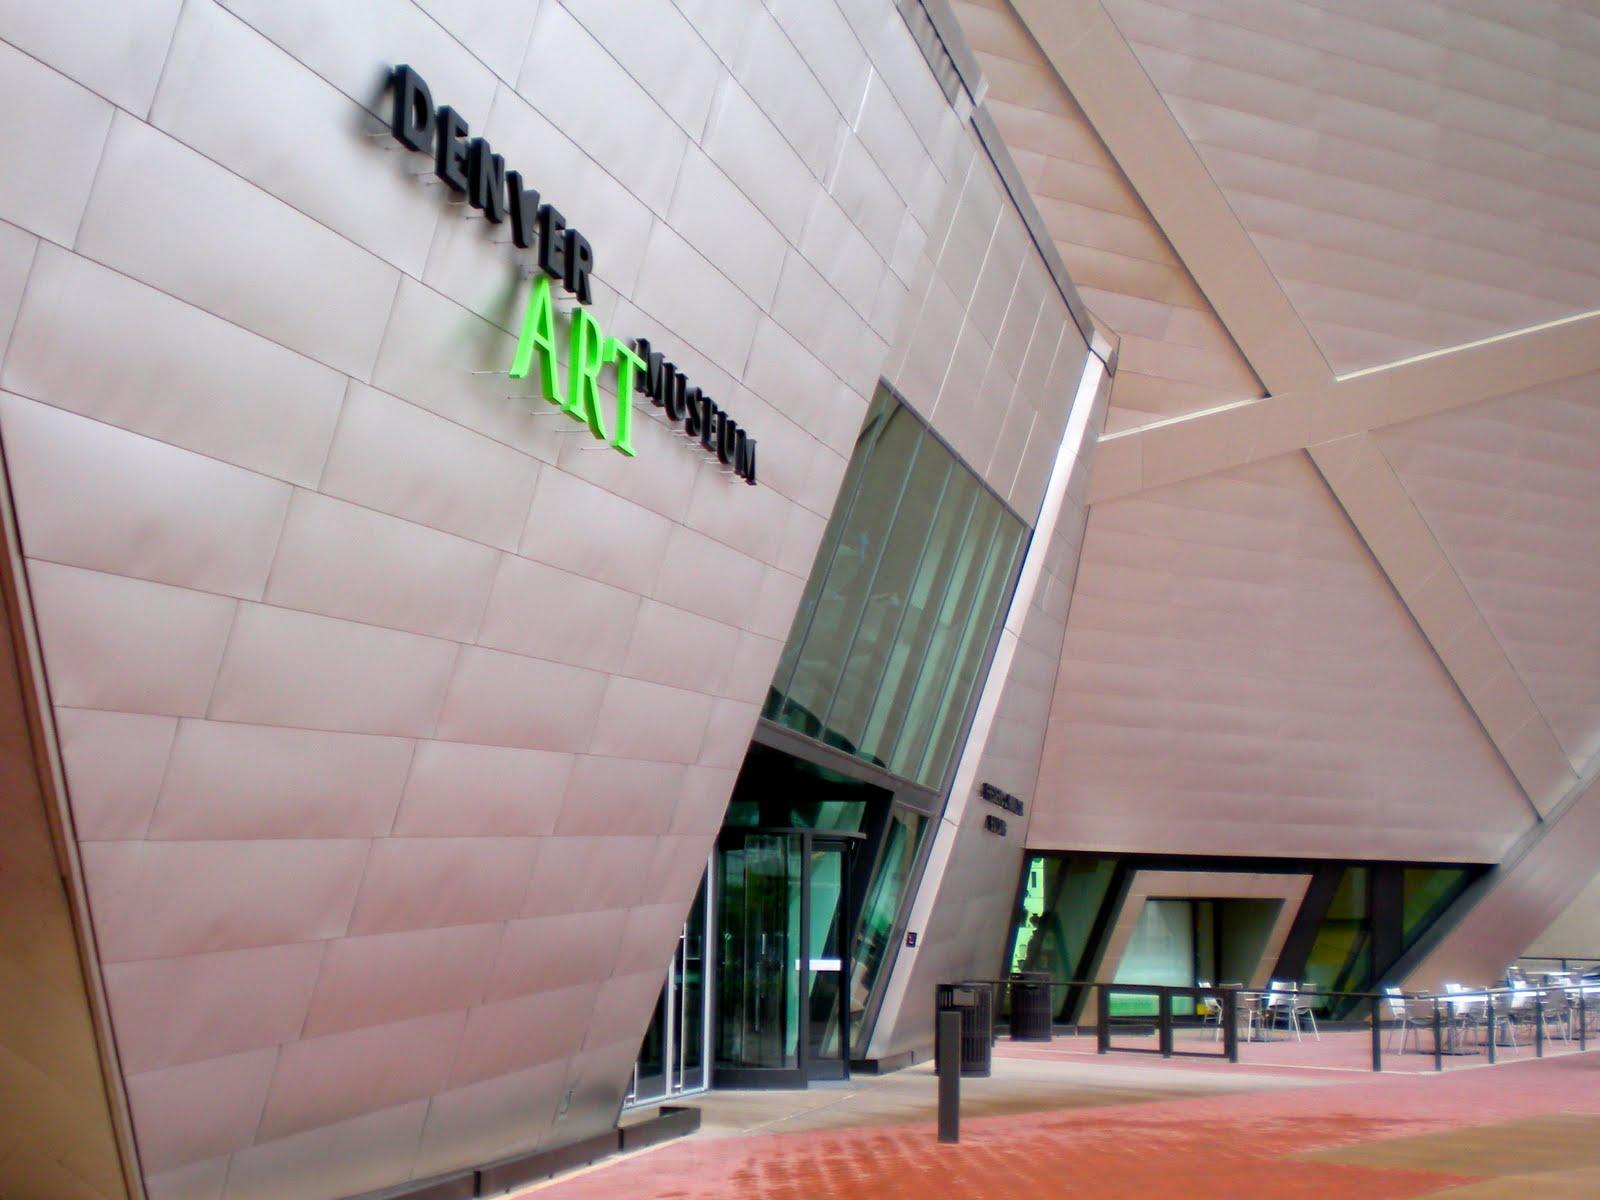 Cruisin 39 museums with jonette slabey denver art museum for Denver art museum concept